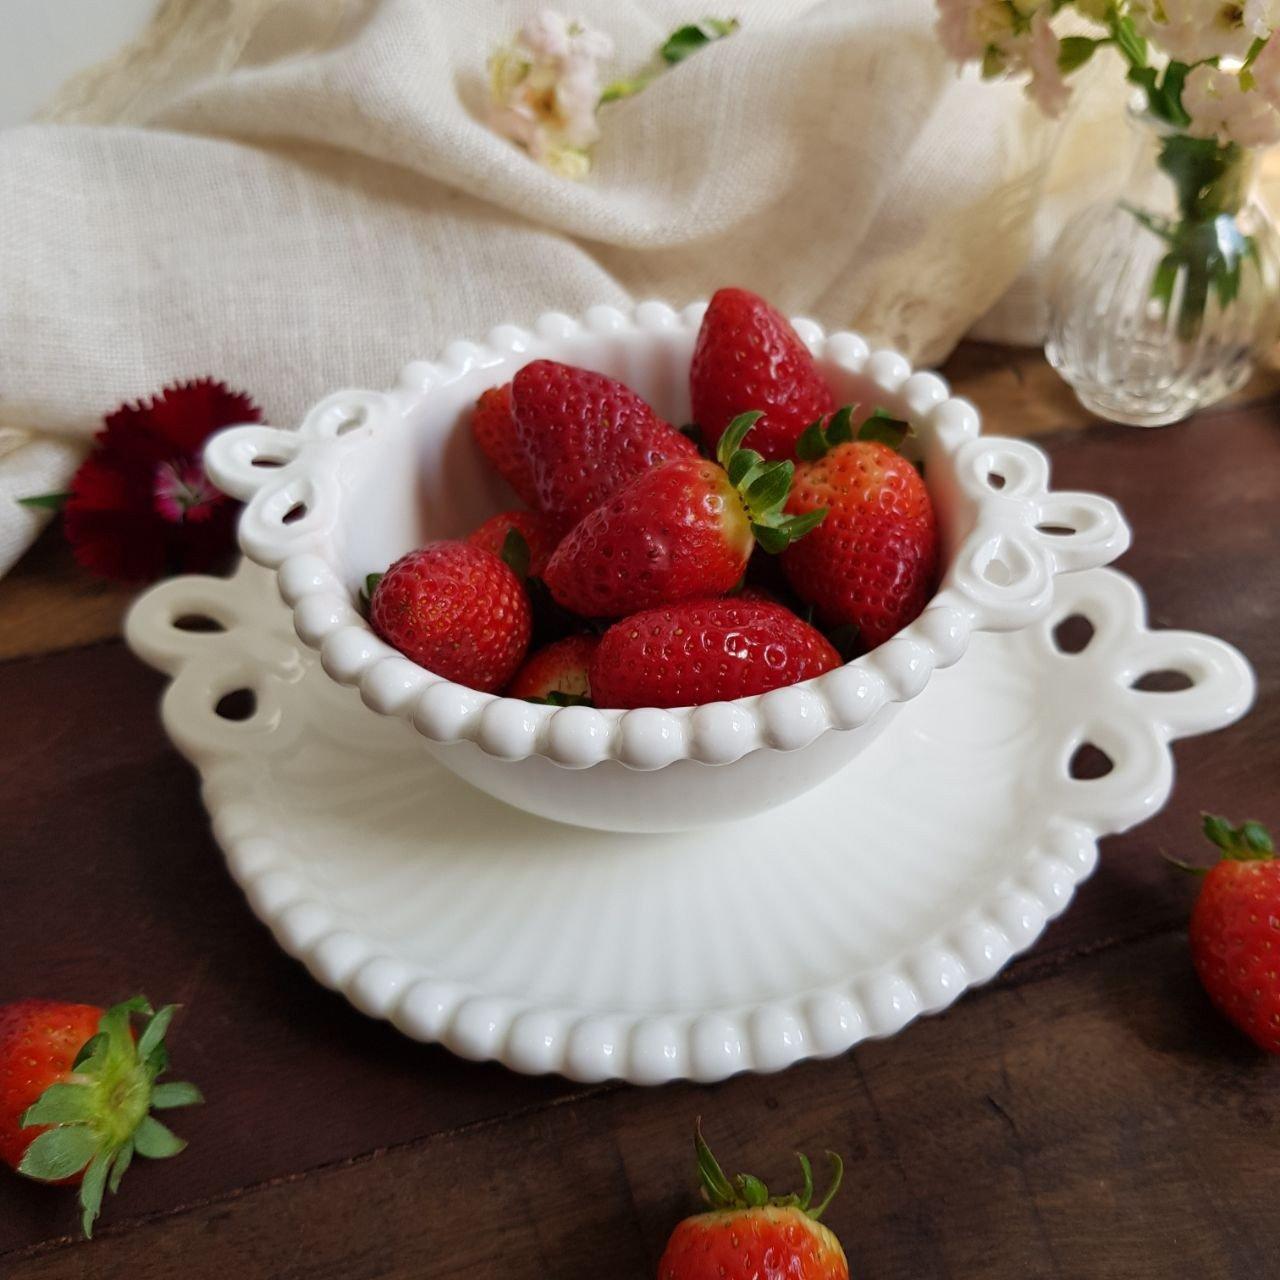 bowl pestisqueira ceramica bolinha com alca branco casa cafe e mel